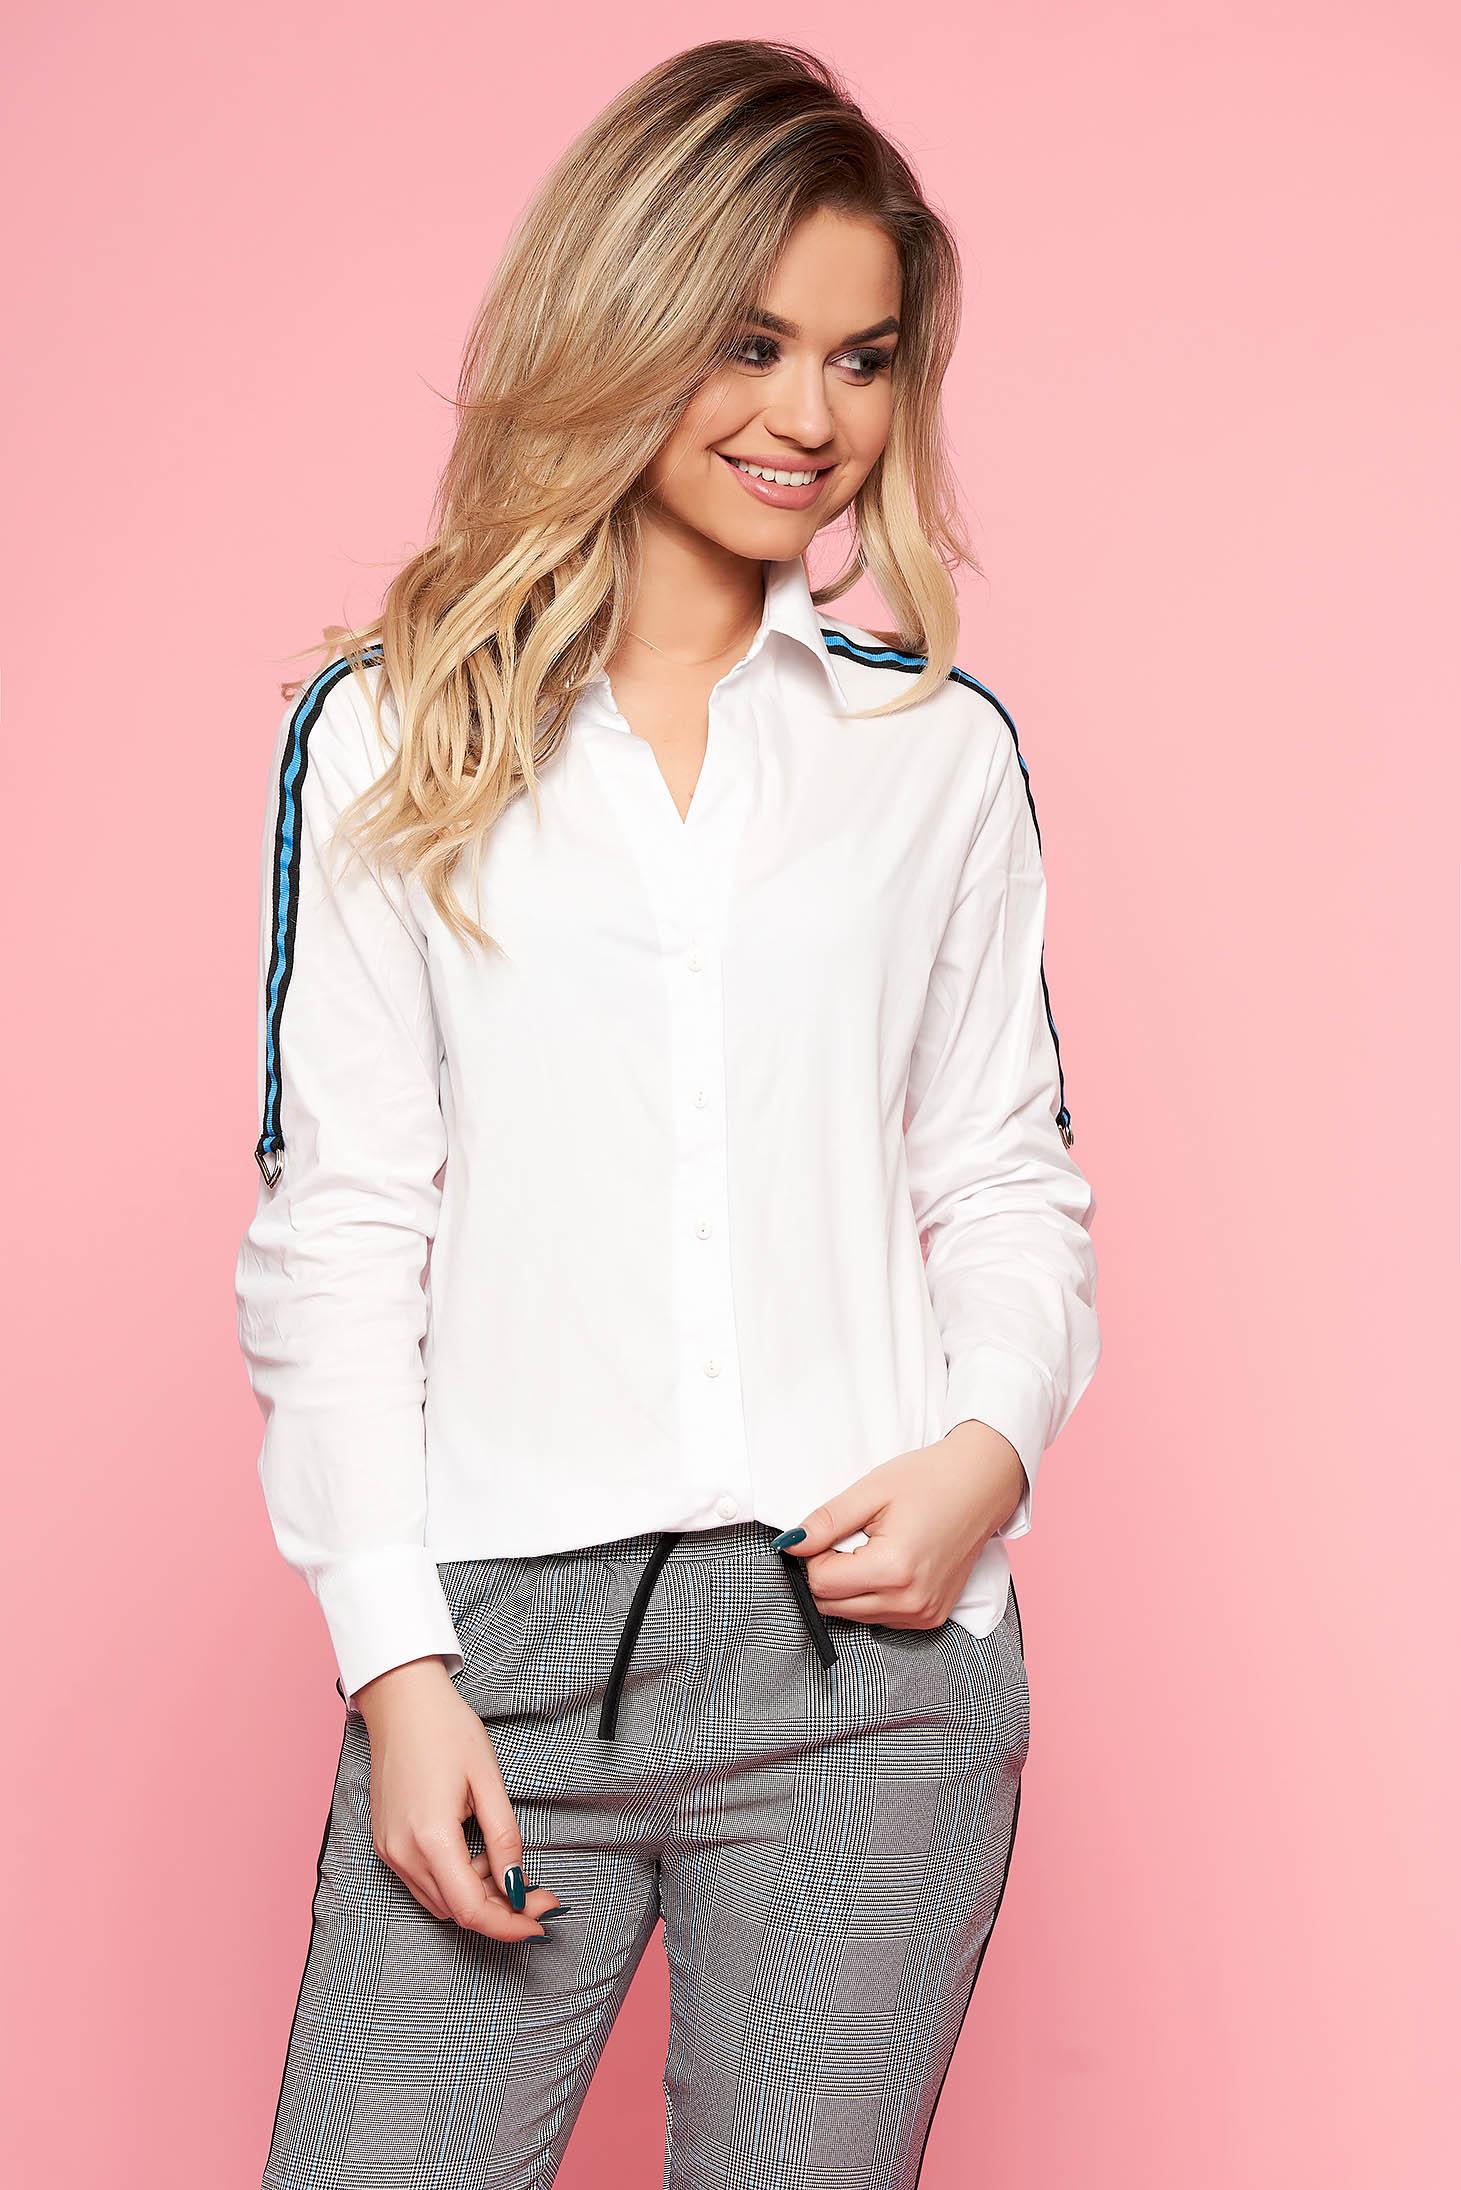 Fehér casual női ing enyhén elasztikus pamut hosszú ujjakkal bő szabással